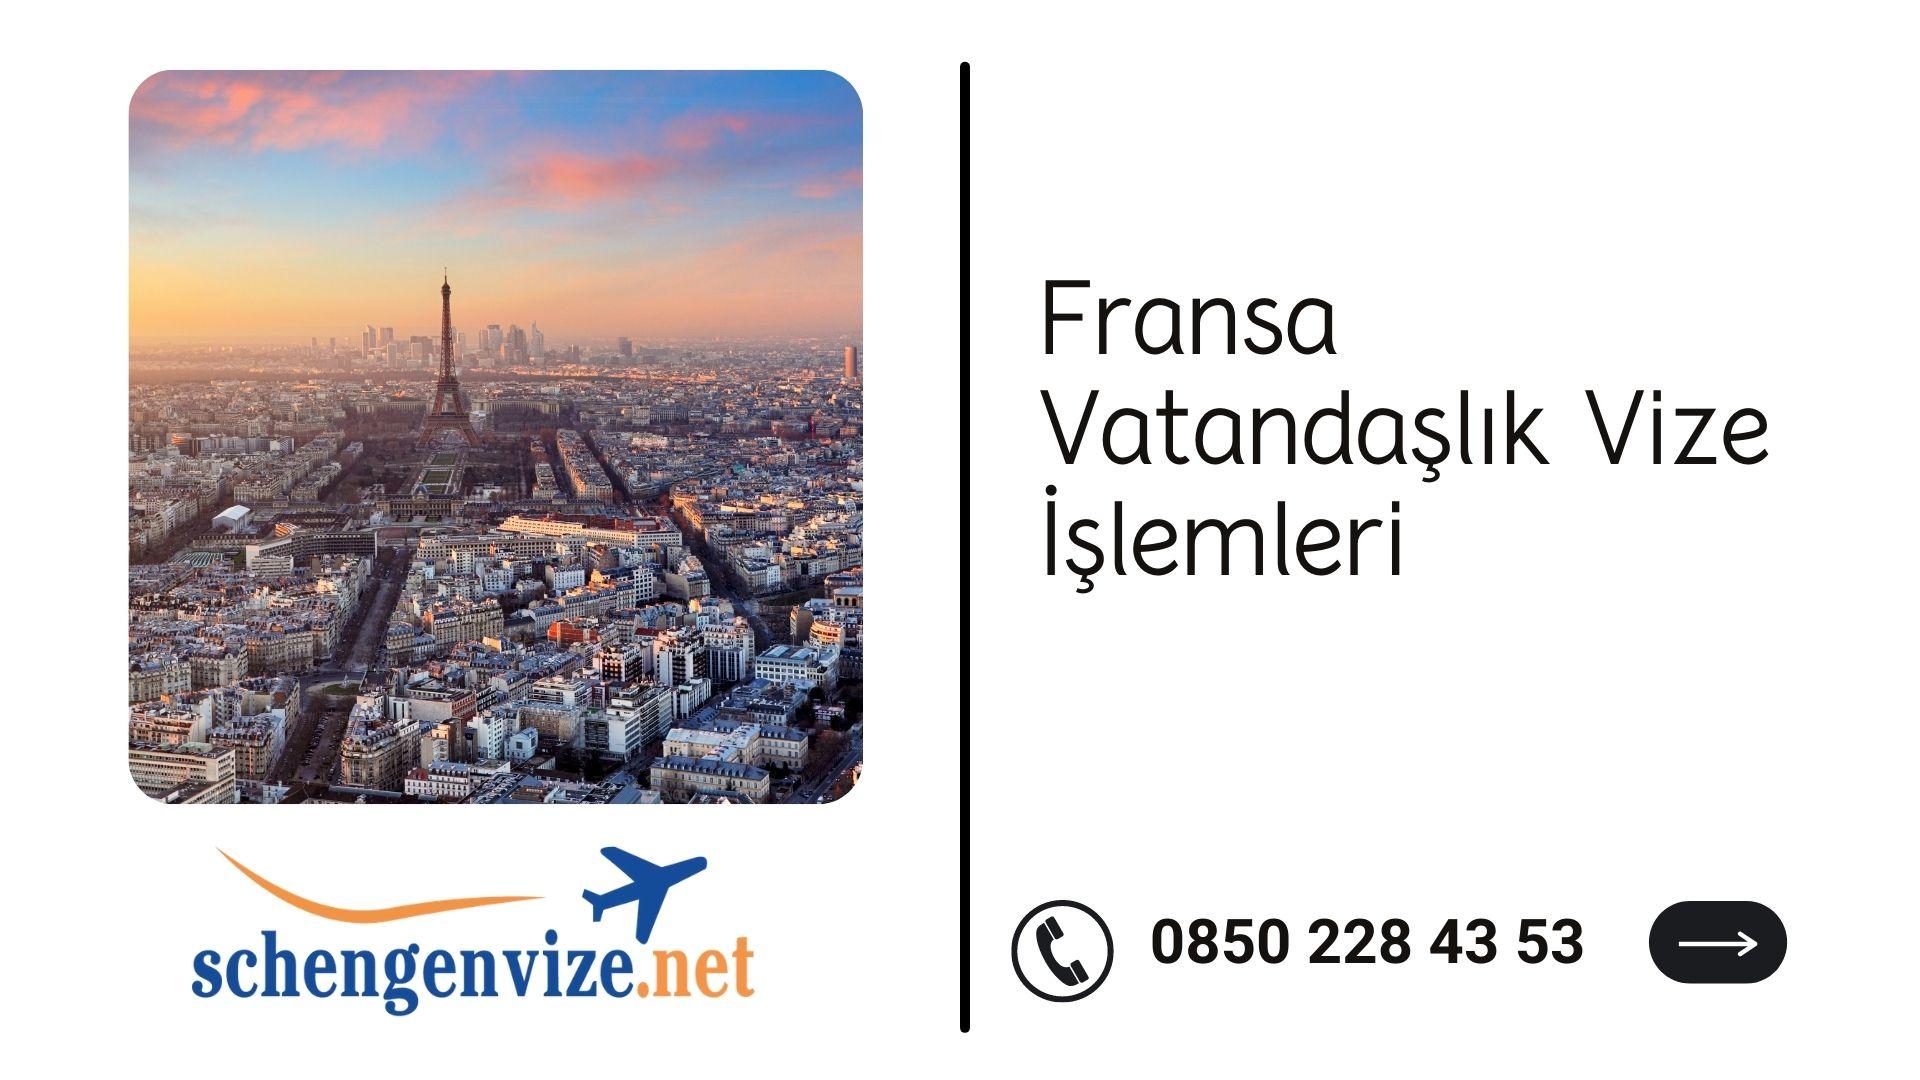 Fransa Vatandaşlık Vize İşlemleri